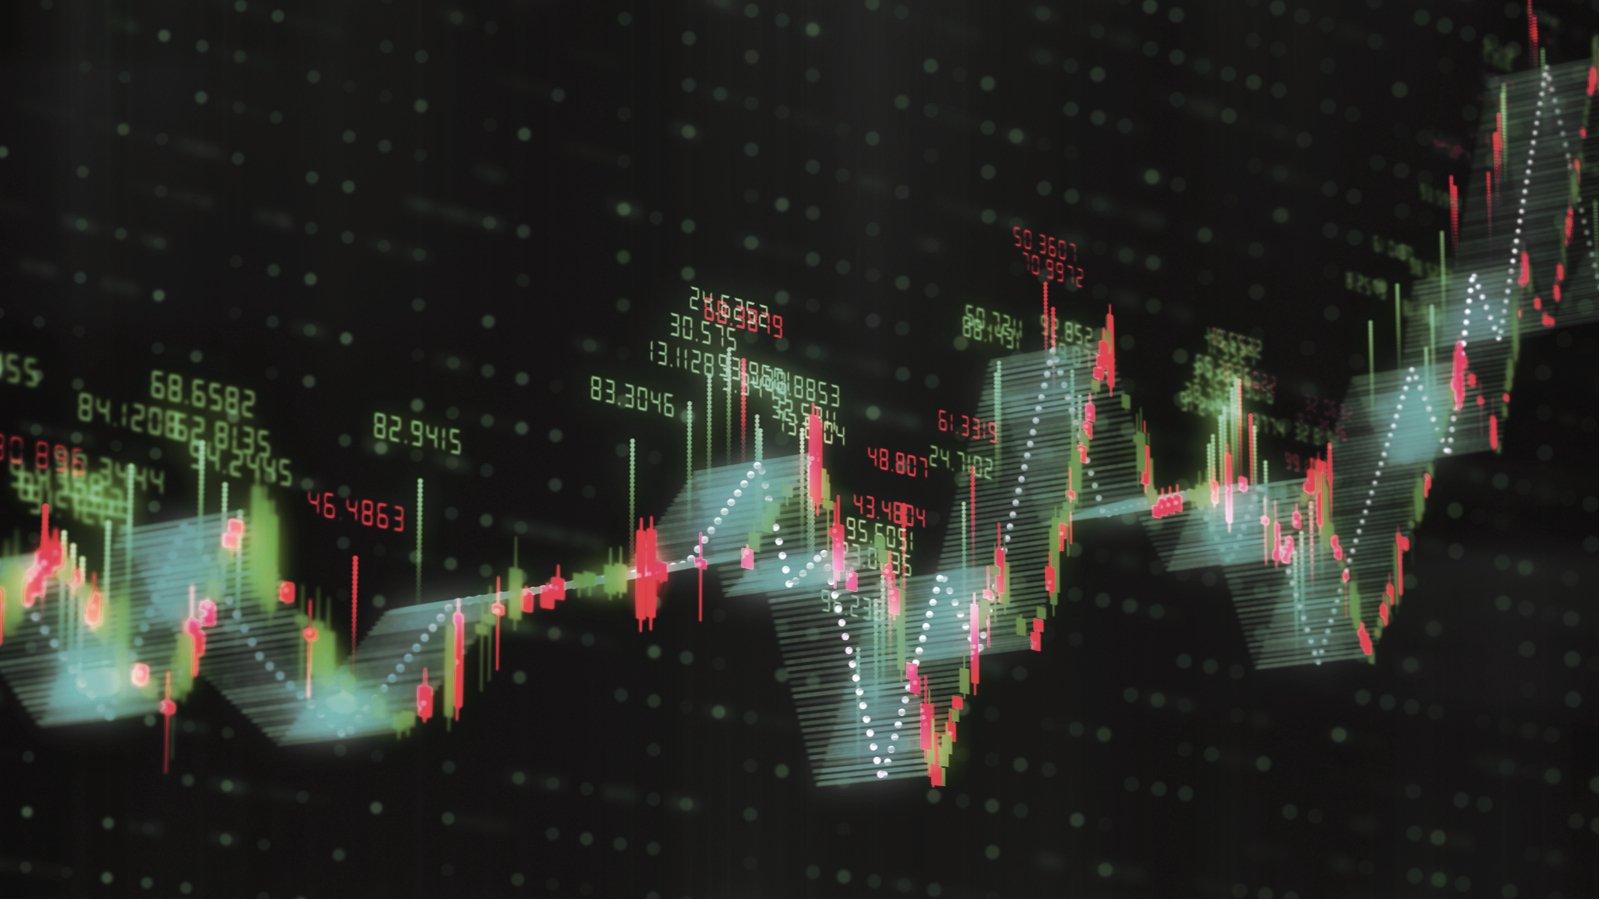 Top DeFi Tokens Surge as Bitcoin Takes Aim at $40,000